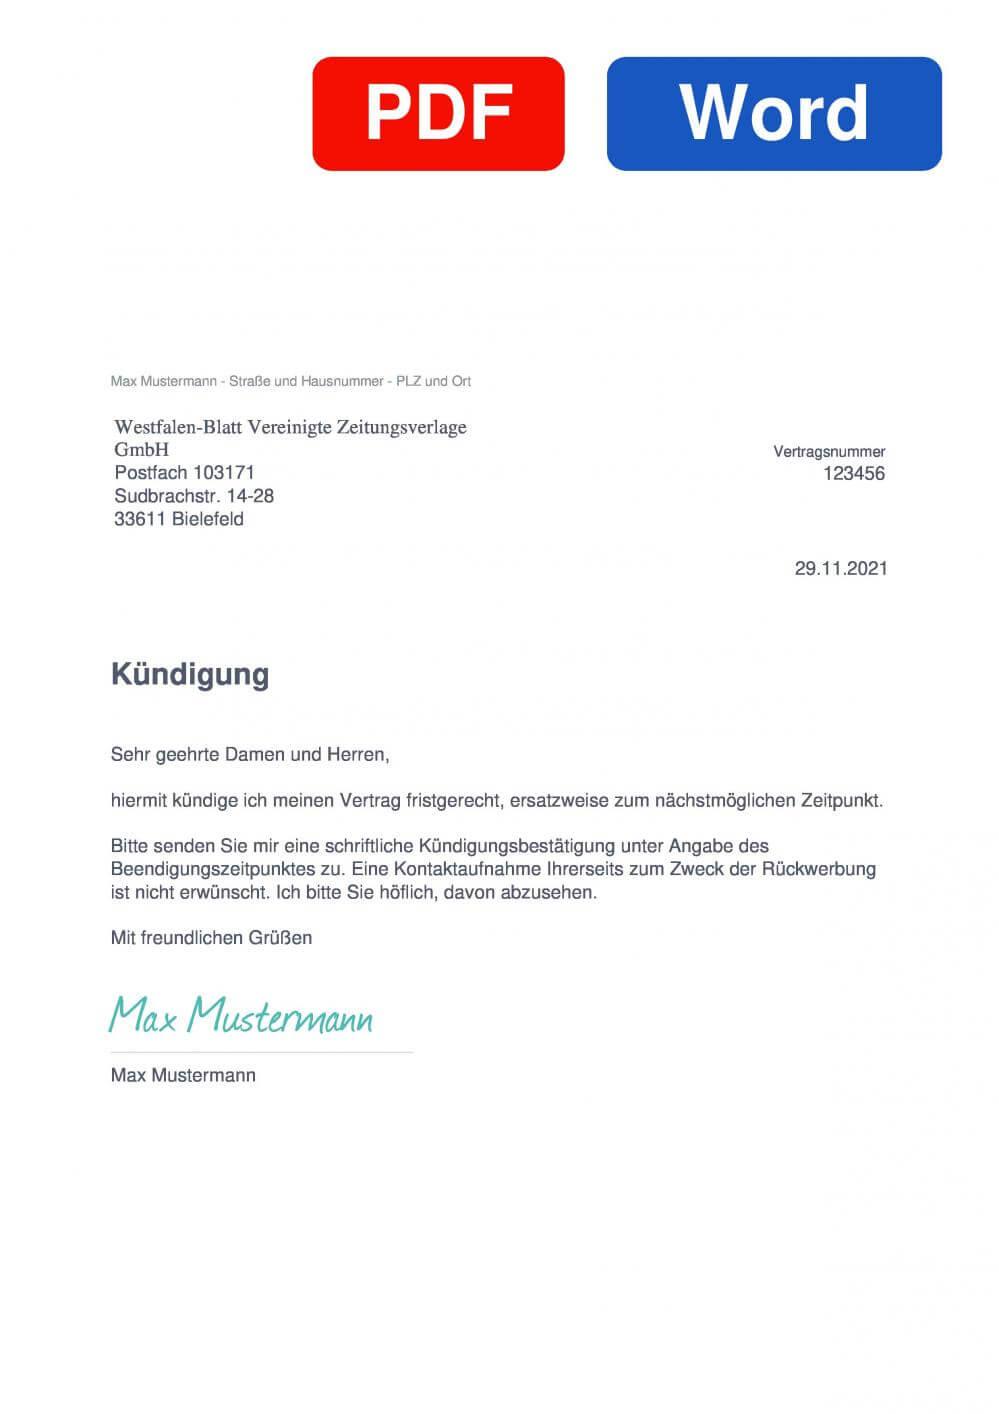 Westfälisches Blatt Muster Vorlage für Kündigungsschreiben